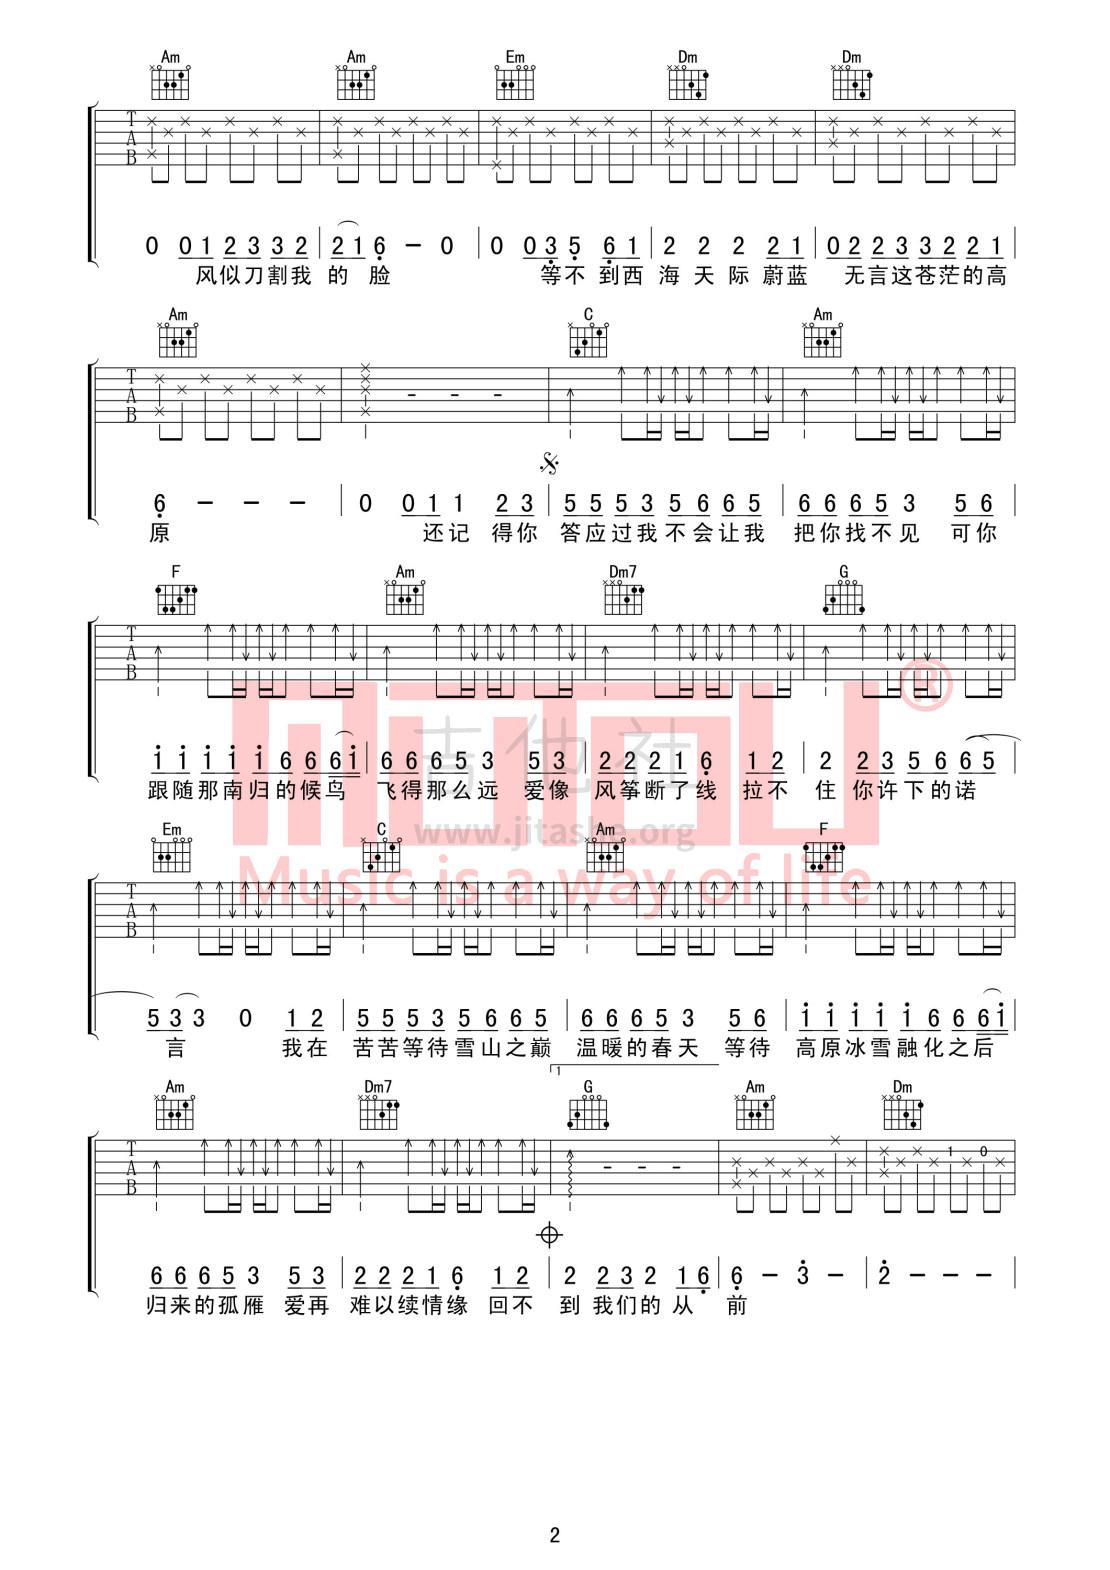 西海情歌(高度还原)吉他谱(图片谱,木头吉他屋,弹唱,伴奏)_刀郎_西海情歌02.jpg